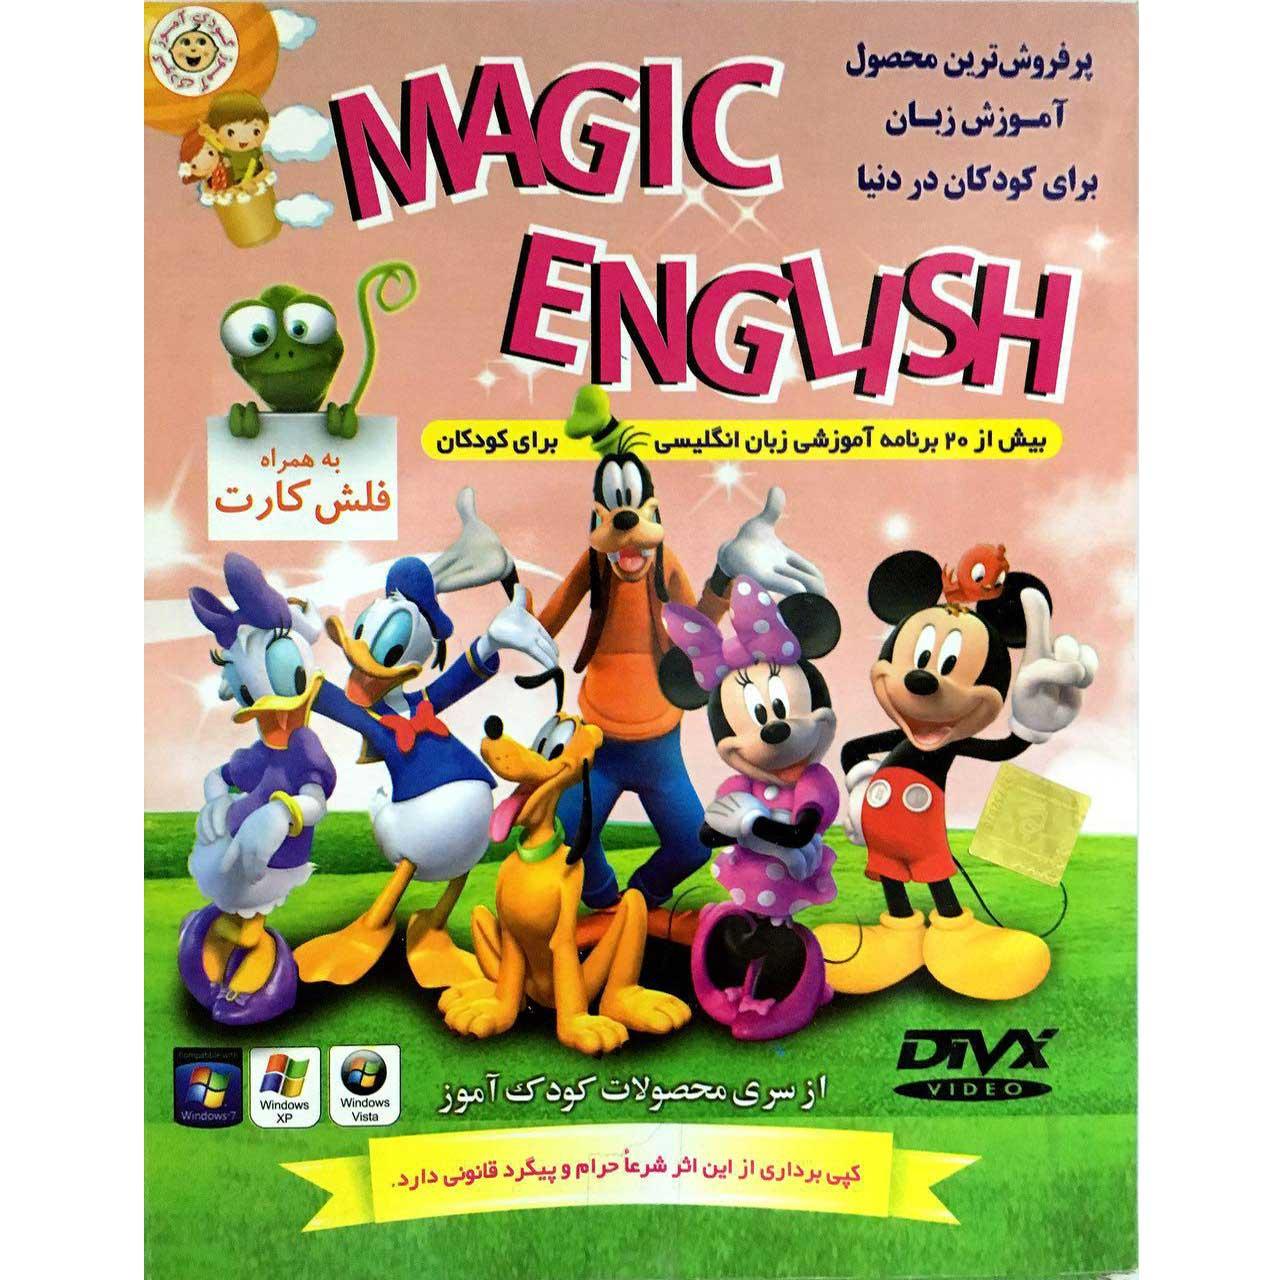 مجموعه آموزش زبان انگلیسی مجیک انگلیش انتشارات نرم افزاری لوح سبا